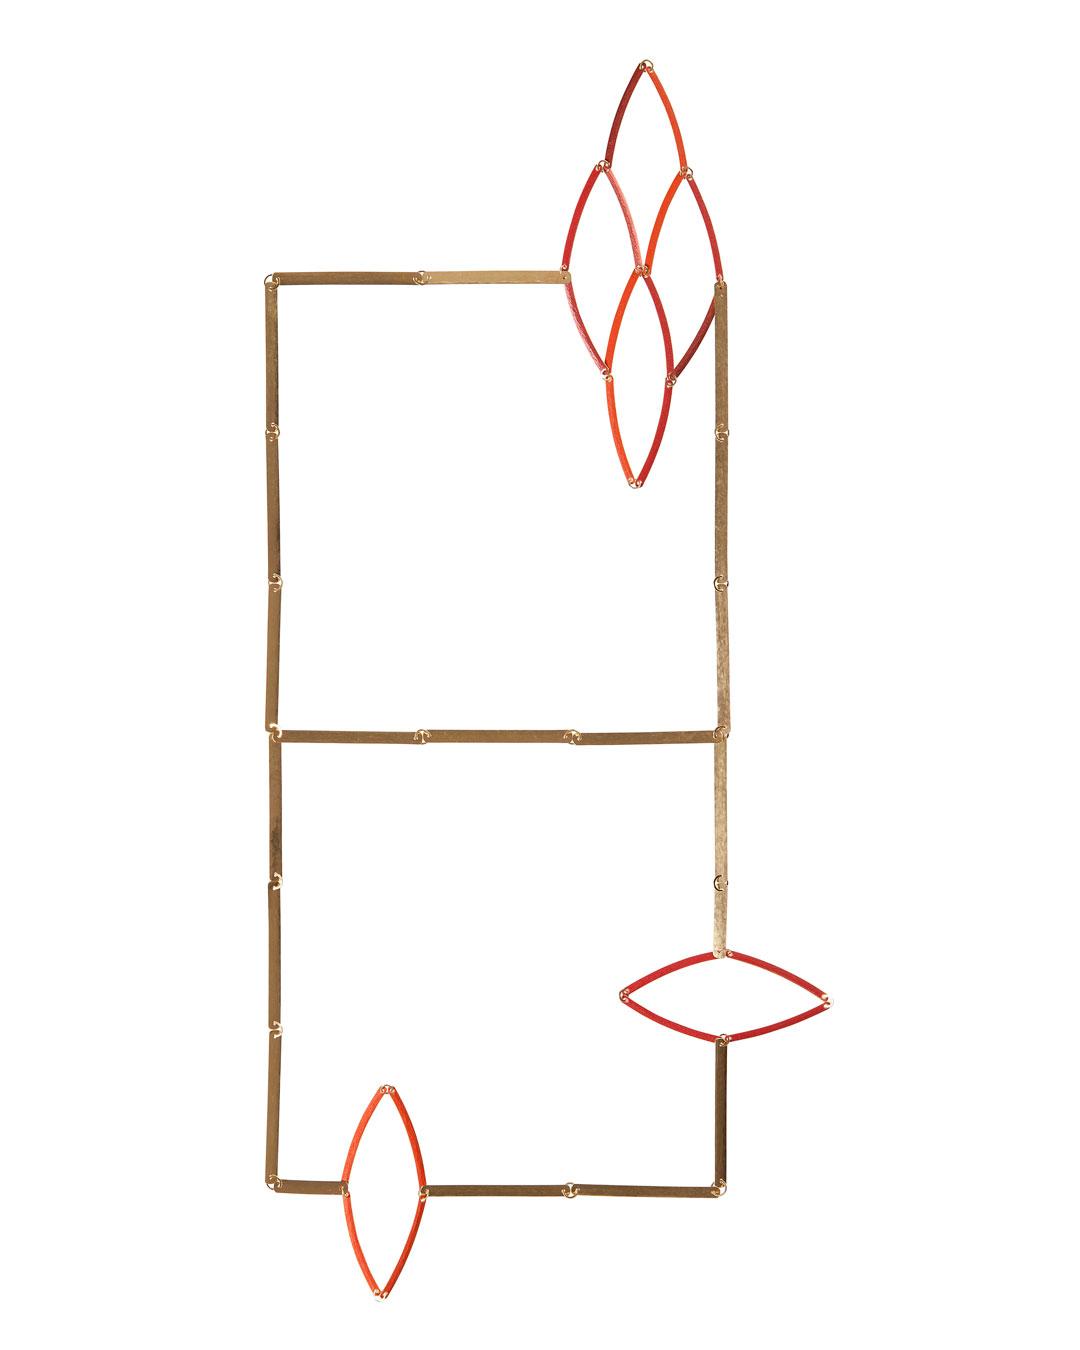 Annelies Planteijdt, Mooie stad - Rode kristallen, 2015 (1/5), halssieraad; goud, pigmenten, 630 x 120 x 6 mm, prijs op aanvraag (afbeelding 1/2)